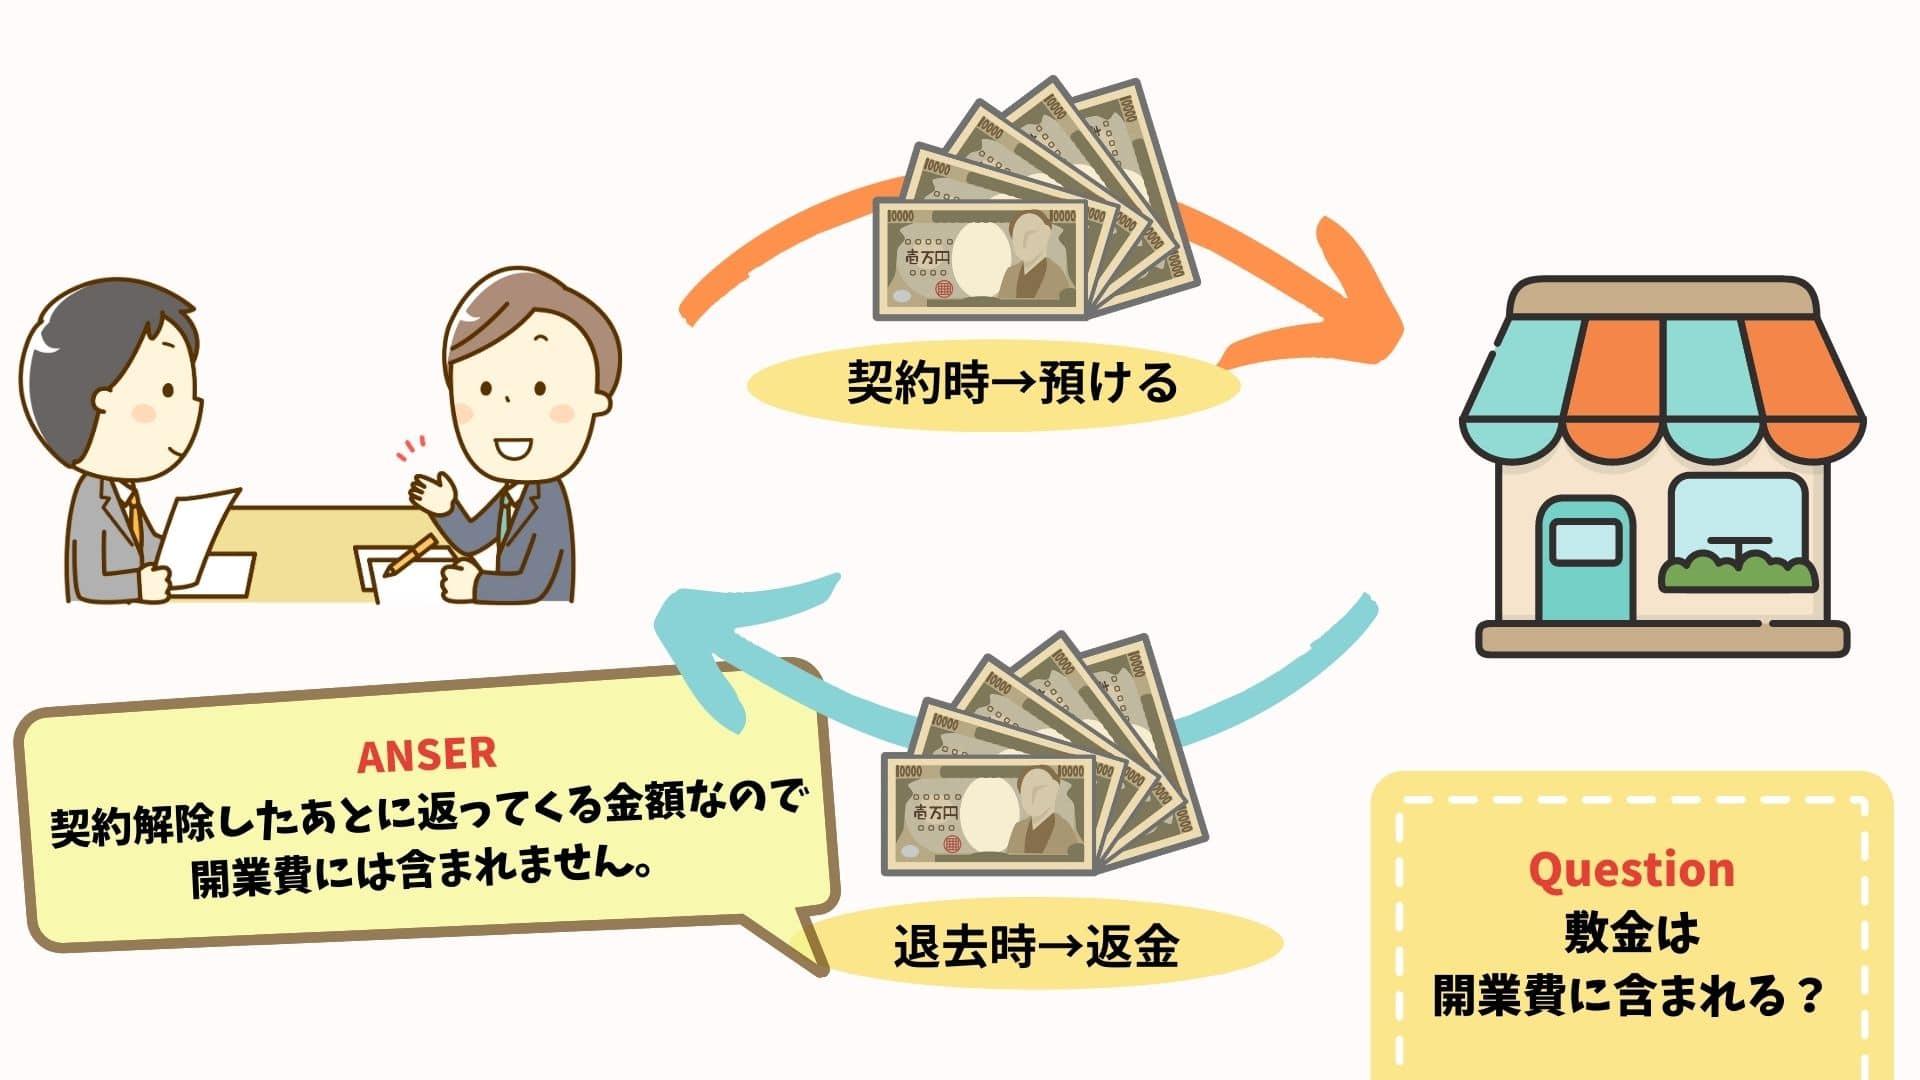 敷金と開業費用